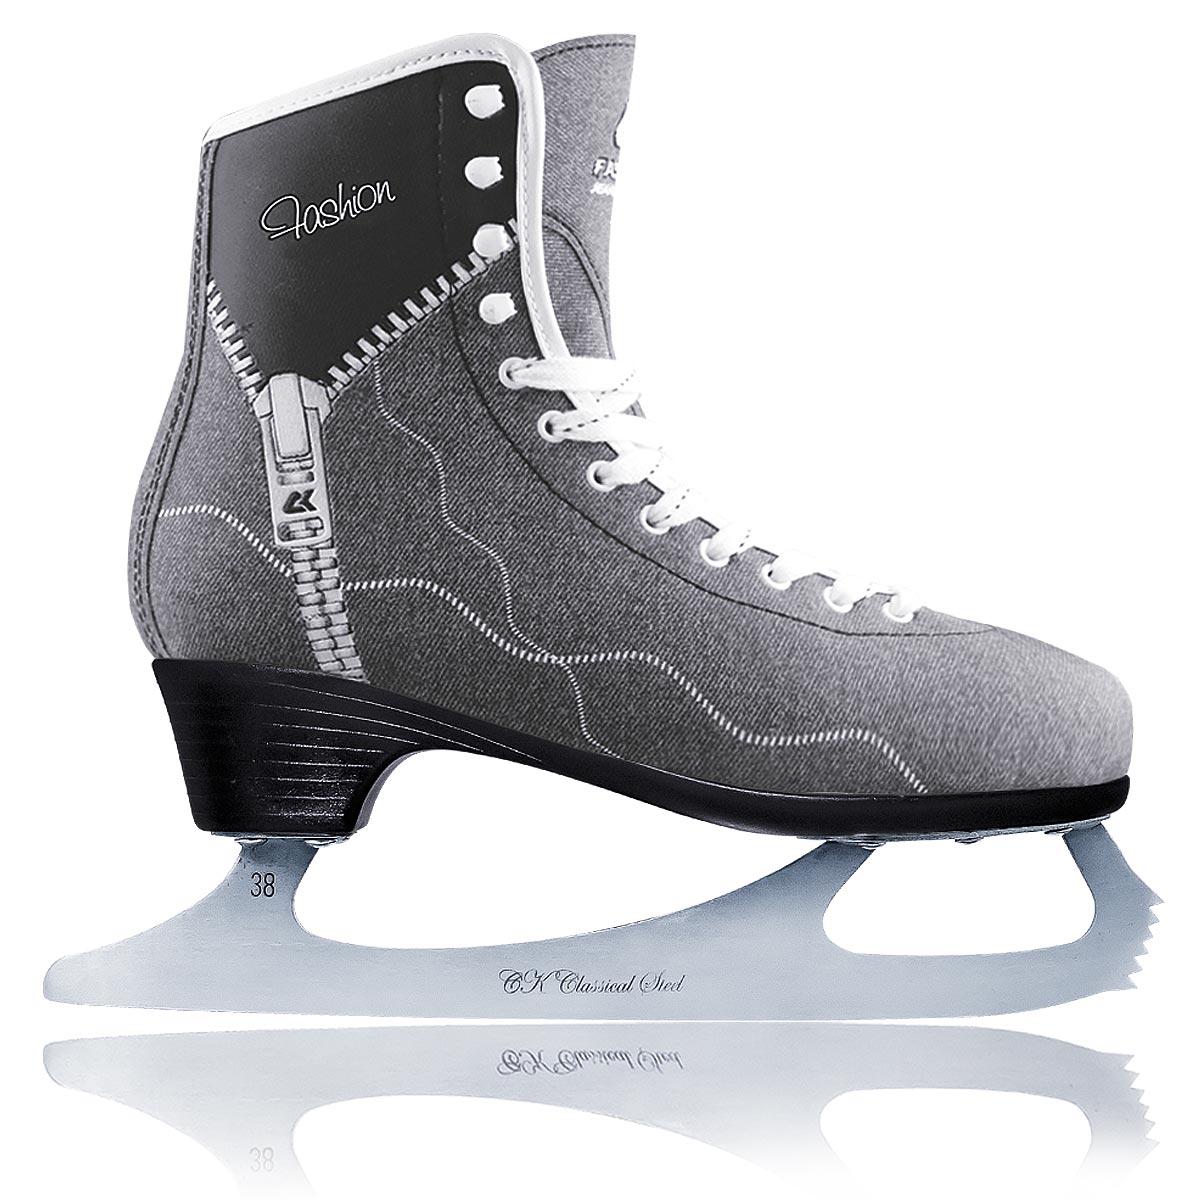 Коньки фигурные женские CK Fashion Lux Jeans, цвет: серый, черный. Размер 38CK Ladies Lux 2012-2013 White TricotФигурные коньки от CK Fashion Lux Jeans идеально подойдут для любительского катания. Модель с высокой, плотной колодкой и усиленным задником, обеспечивающим боковую поддержку ноги, выполнена из синтетического материала на виниловой основе. Внутренняя поверхность отделана искусственным мехом. Анатомический язычок из войлока идеально облегает стопу и повышает комфорт. Стелька из упругого пенного полимерного материала EVA предназначена для быстрой адаптации ботинка к индивидуальным формам ноги и ее комфортного положения. Ботинок обеспечивает комфорт и устойчивость ноги, правильное распределение нагрузки, сильно снижает травмоопасность. Ботинок полностью обволакивает ногу, обеспечивает прочную и удобную фиксацию ноги, а также повышенную защиту от ударов. Модель фиксируется на ноге классической шнуровкой. Лезвие выполнено из нержавеющей стали, оно обладает высокой твердостью и долго держит заточку. Подошва Graceful обладает элегантным дизайном, повышенной твердостью и пониженным весом. Более высокий каблук делает ногу более изящной и стройной, а также повышает управляемость и маневренность конька.